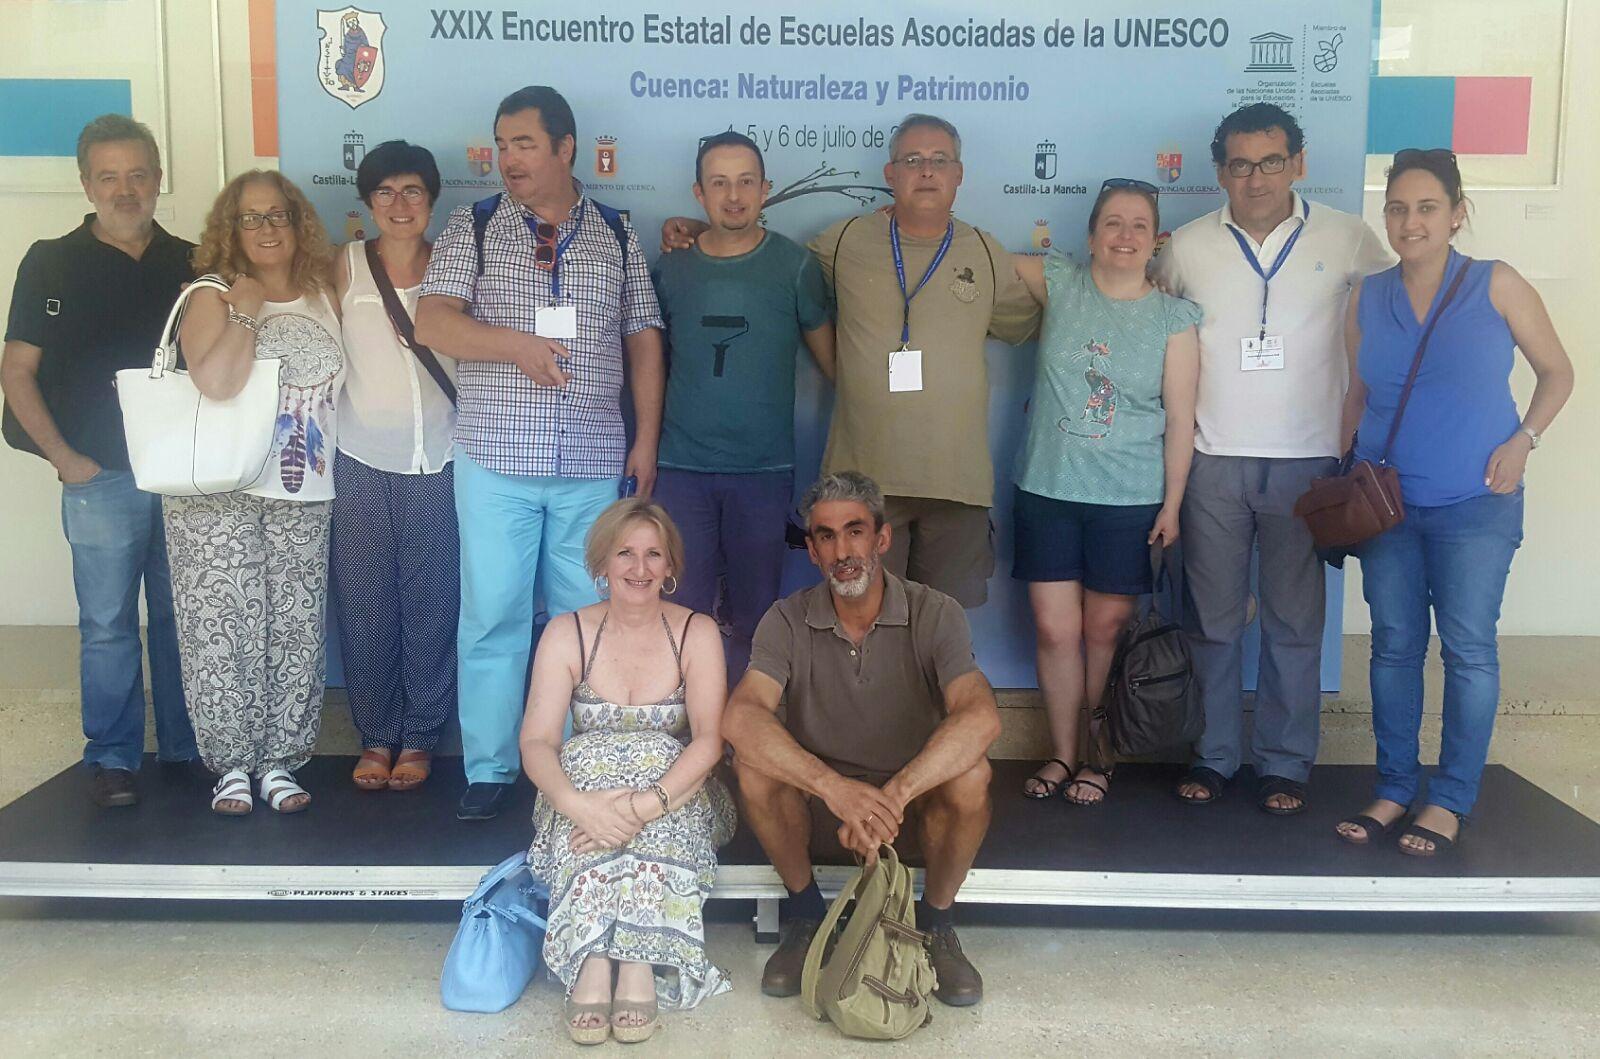 Nuestro Colegio participa en el XXIX Encuentro estatal de Escuelas UNESCO